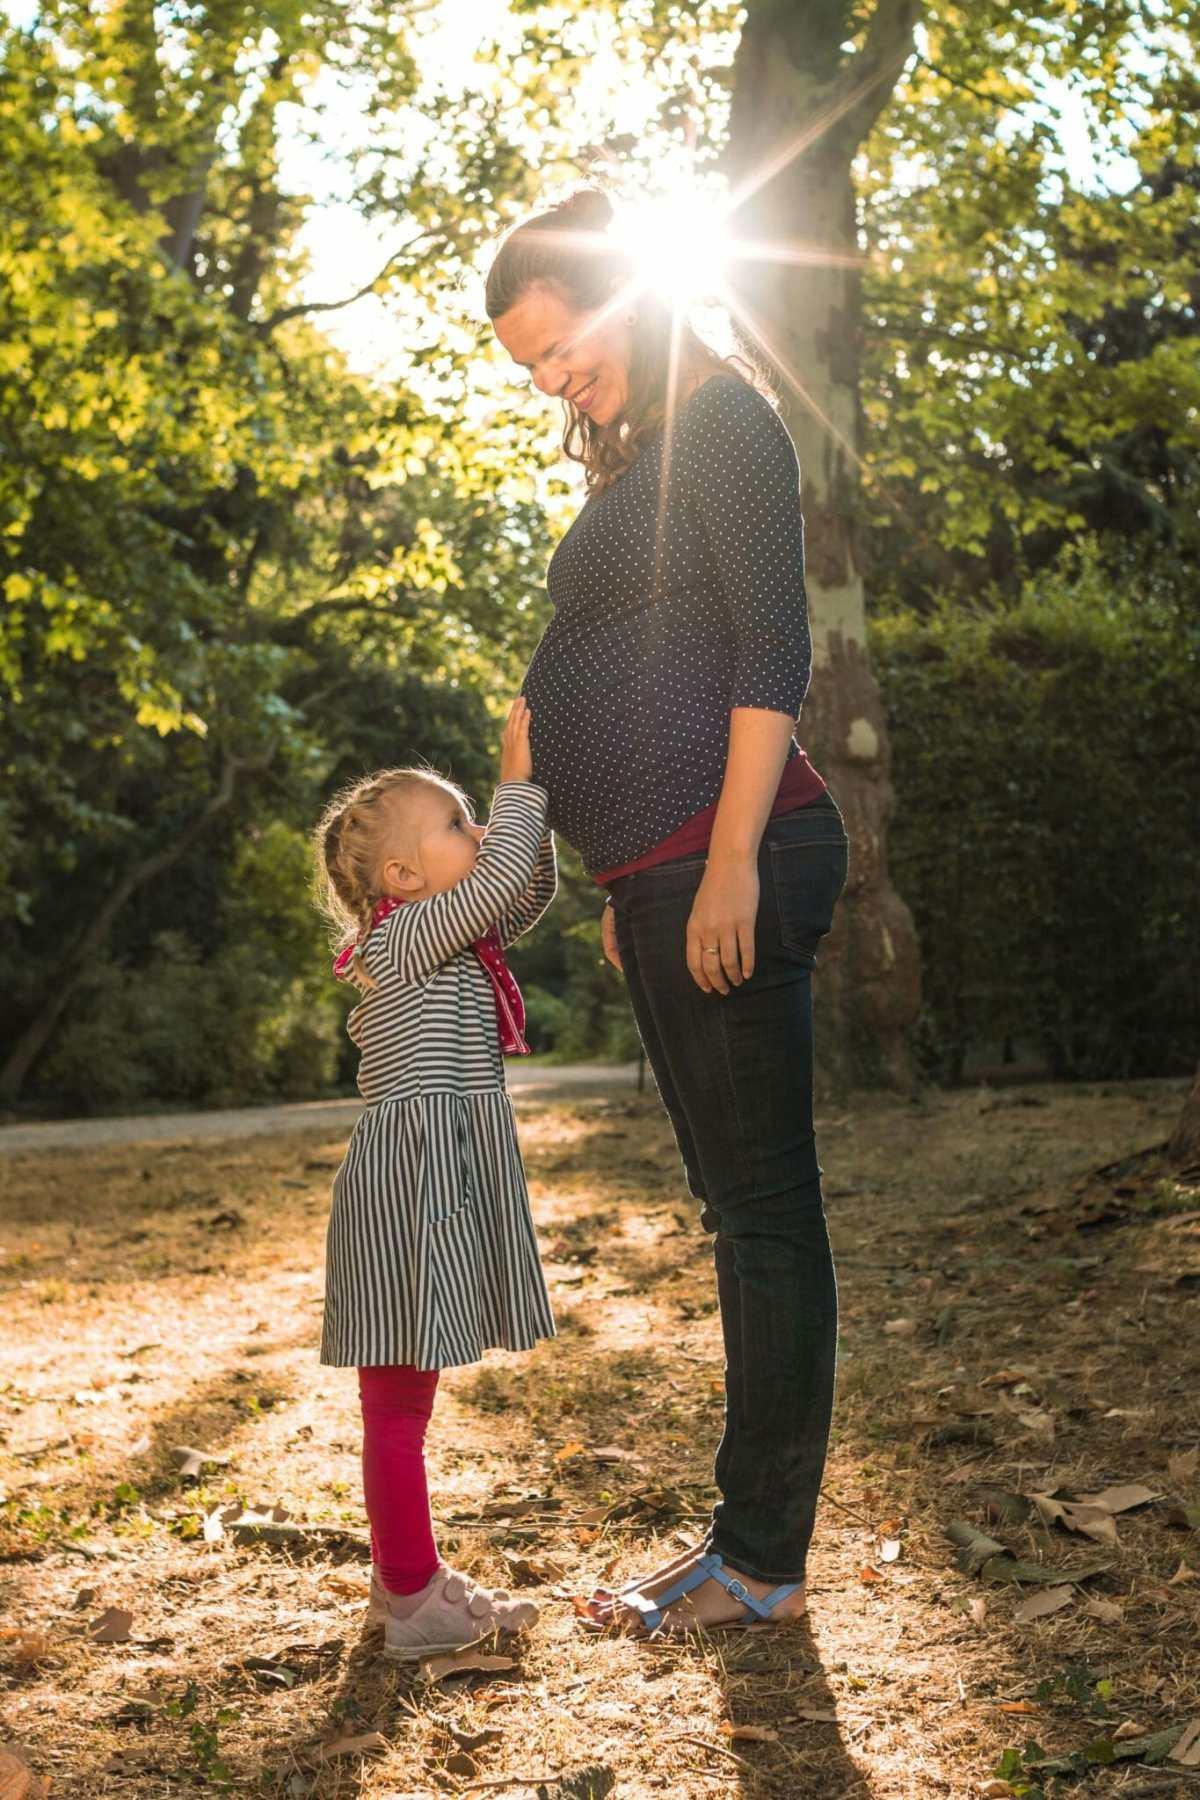 Babybauchshooting mit Mutter und Tochter, im Hintergrund Sonnenstrahlen